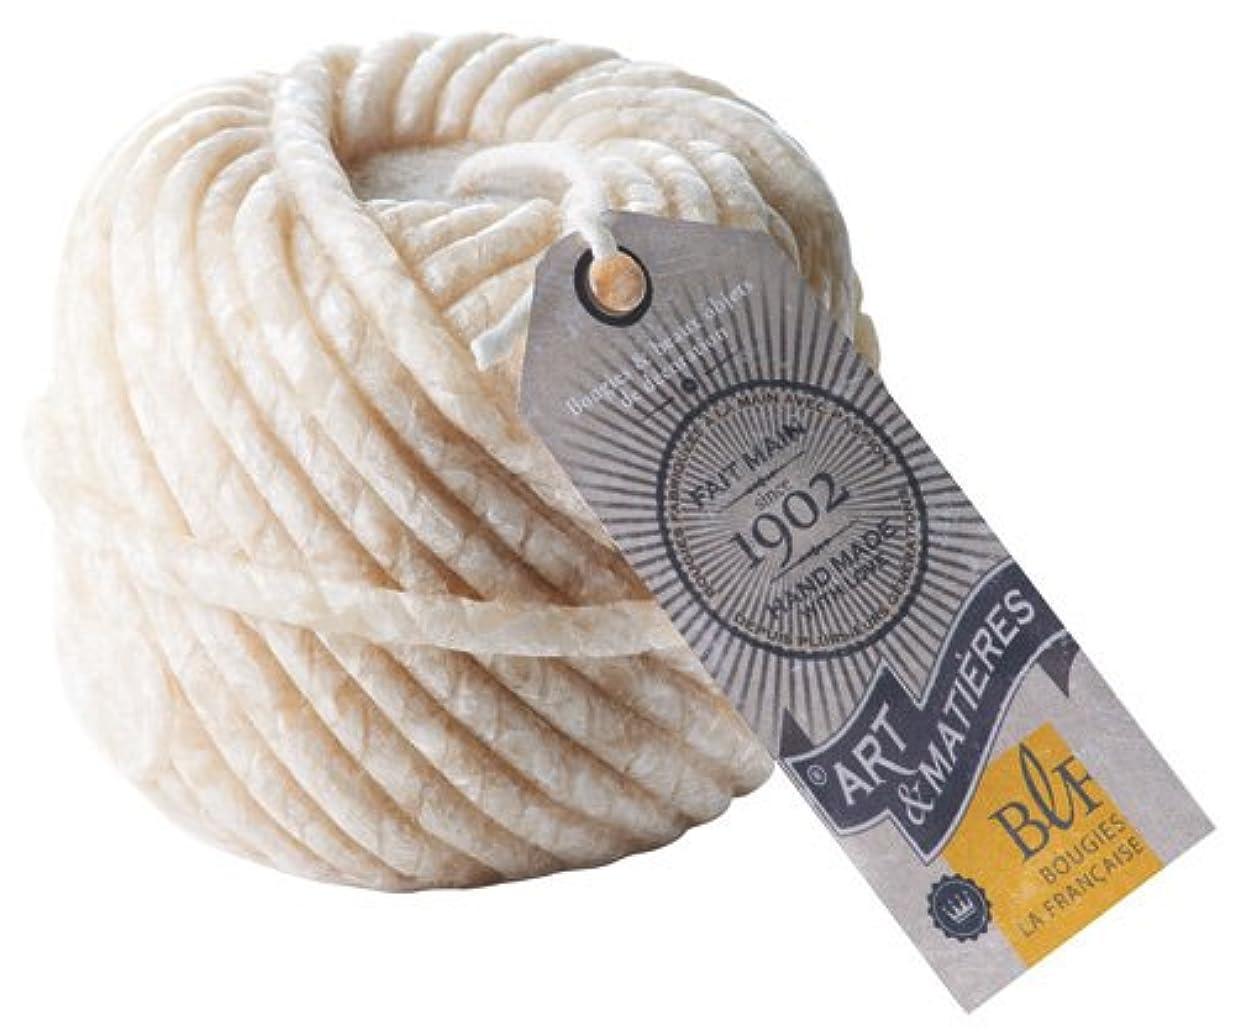 災難不変抵抗するブジ?ラ?フランセーズ 本物の毛糸玉のような ウールボールキャンドル ホワイト